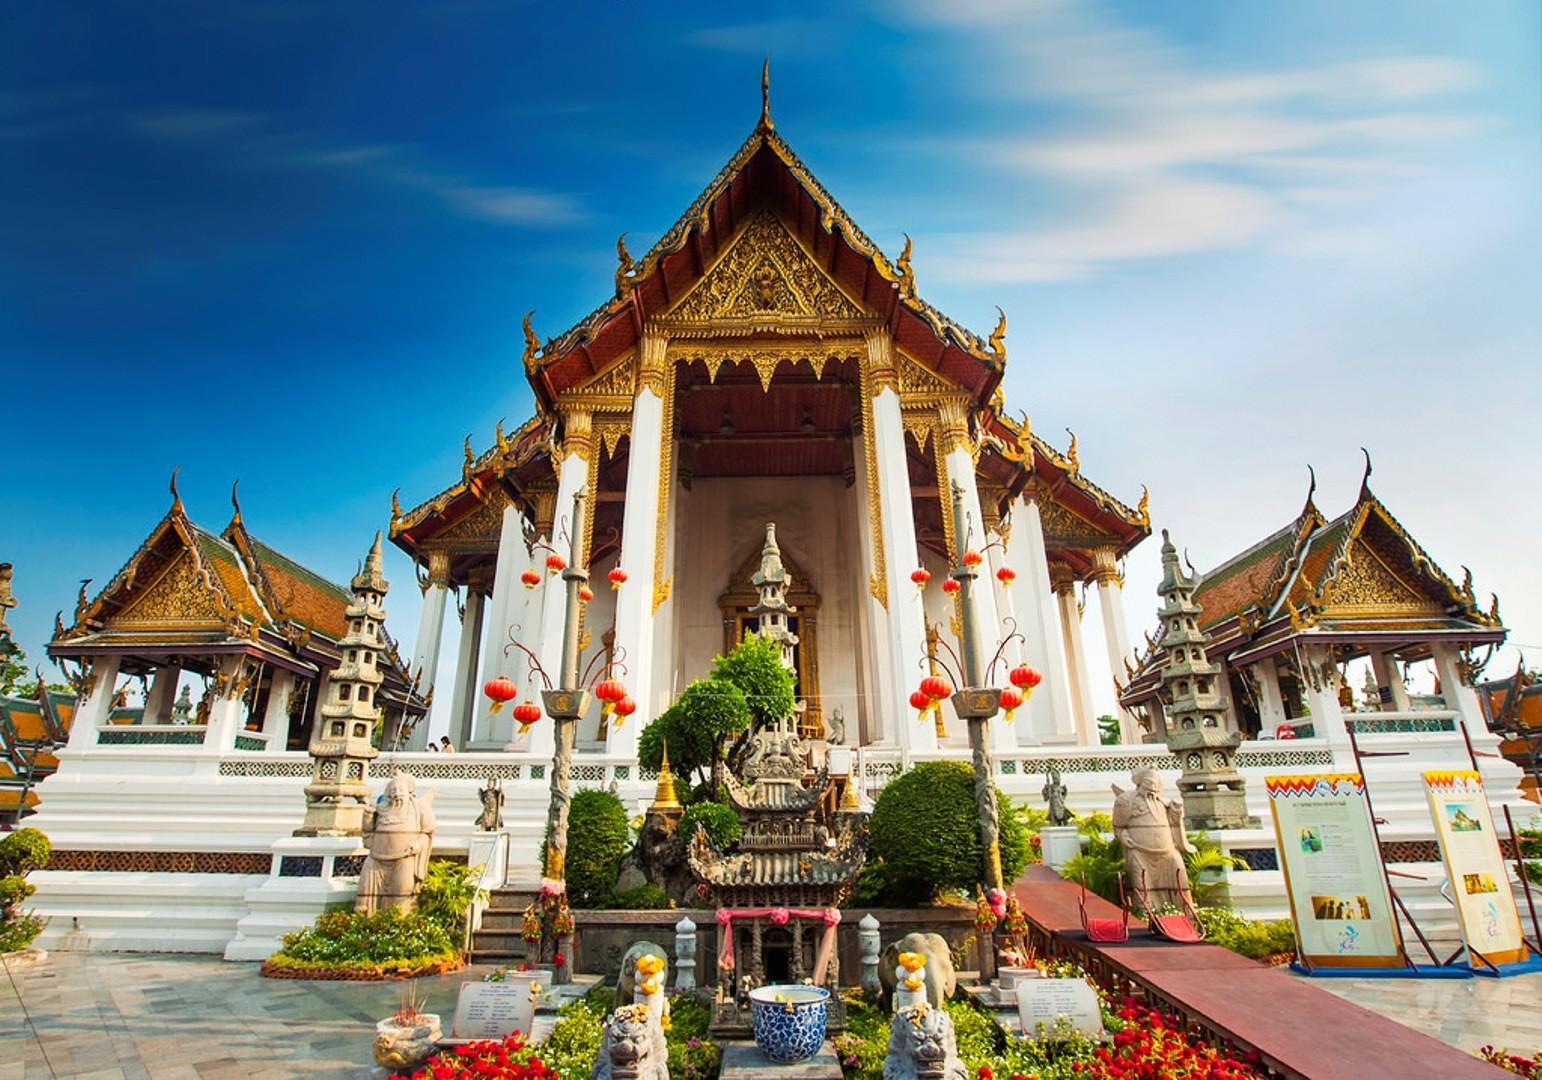 Hasil gambar untuk Wat Suthat